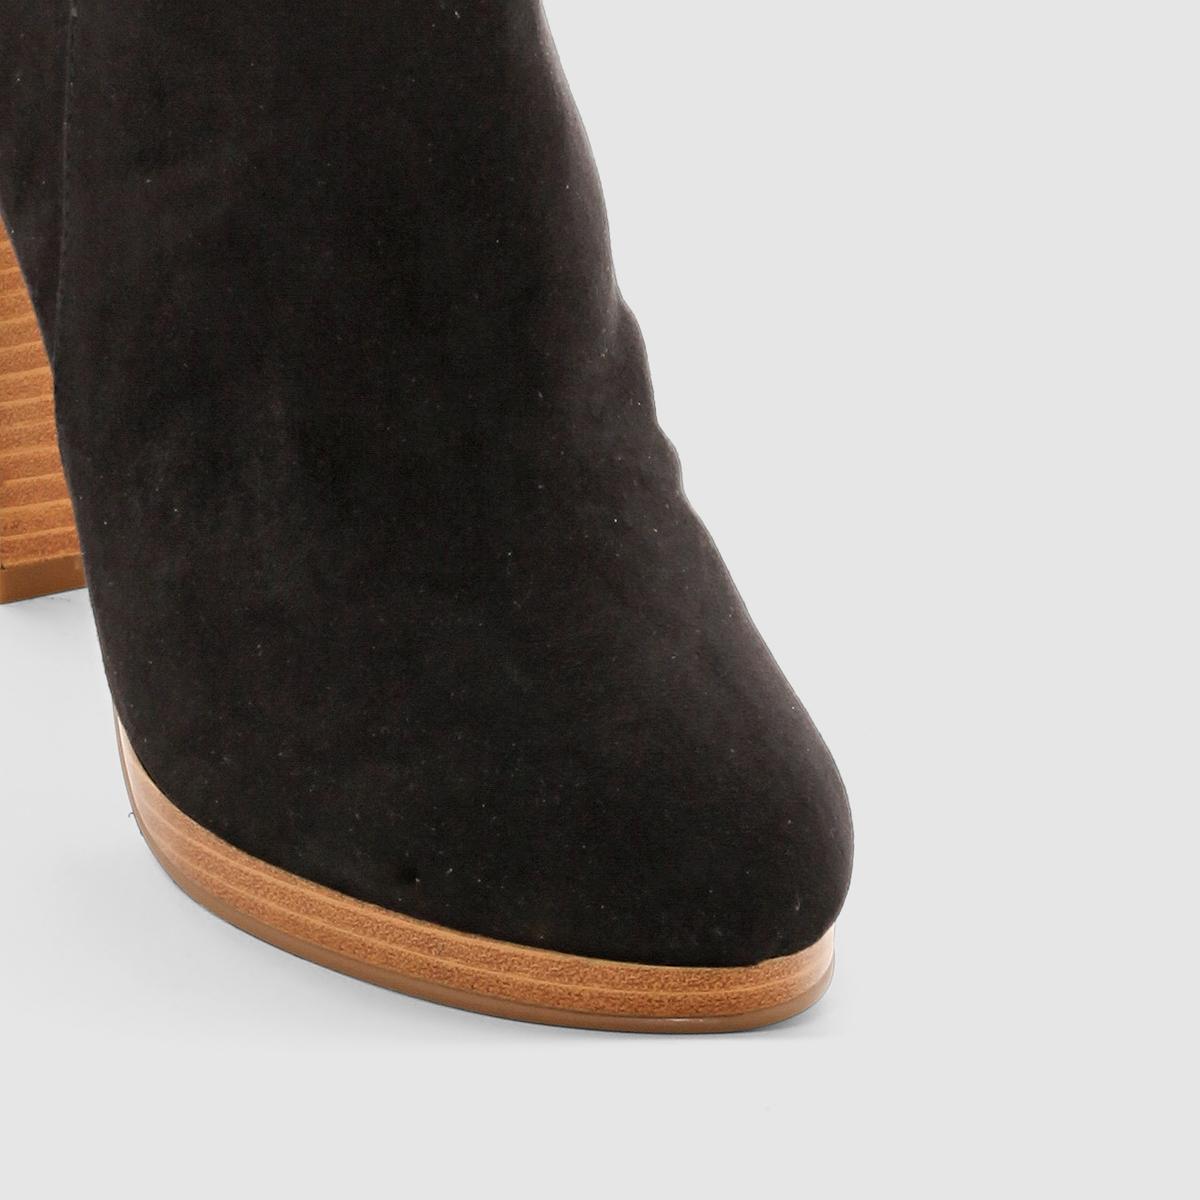 Ботильоны на высоком каблукеБотильоны на высоком каблуке. Верх : синтетикаПодкладка : синтетикаСтелька : синтетикаПодошва : эластомер.Каблук   : 11 см.Элегантный дизайн, чистые линии, яркий характер модели на высоком каблуке с толстой подошвой.Мы советуем выбирать модель на размер большего вашего обычного размера .<br><br>Цвет: черный<br>Размер: 41